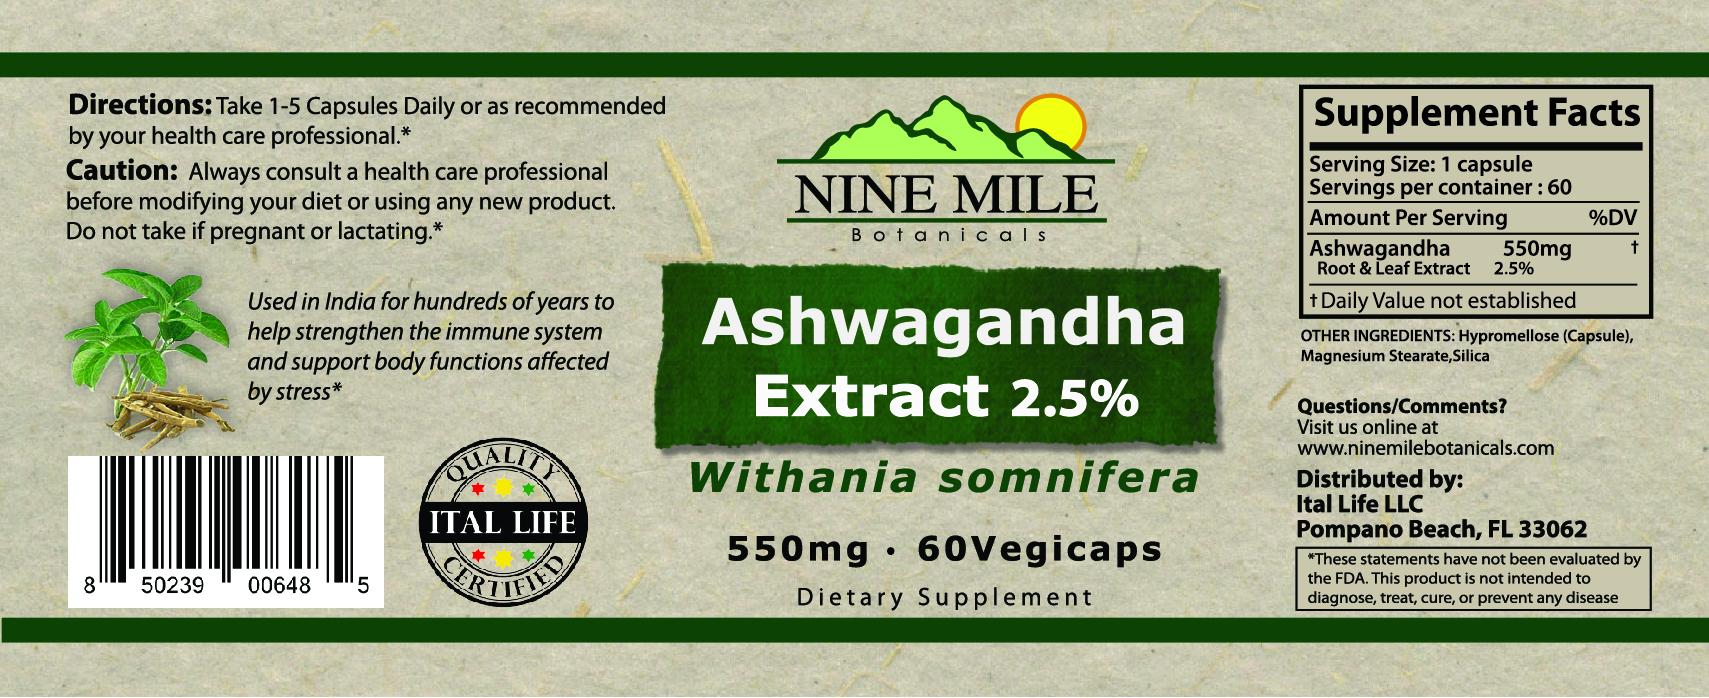 Nine Mile Botanicals Ashwagandha Label